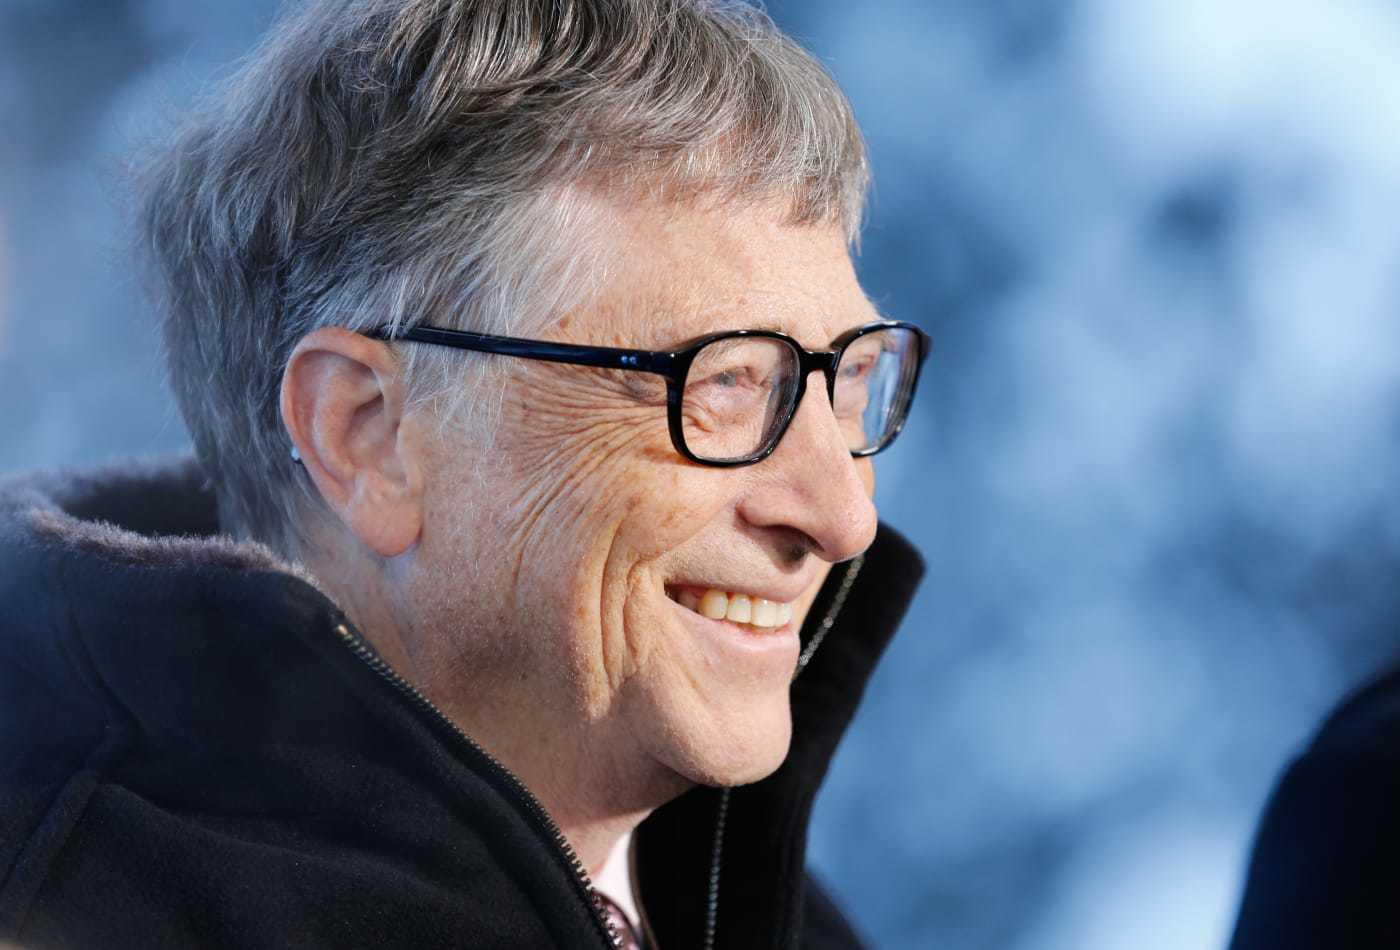 4 điều làm tỷ phú Bill Gates hạnh phúc là gì?